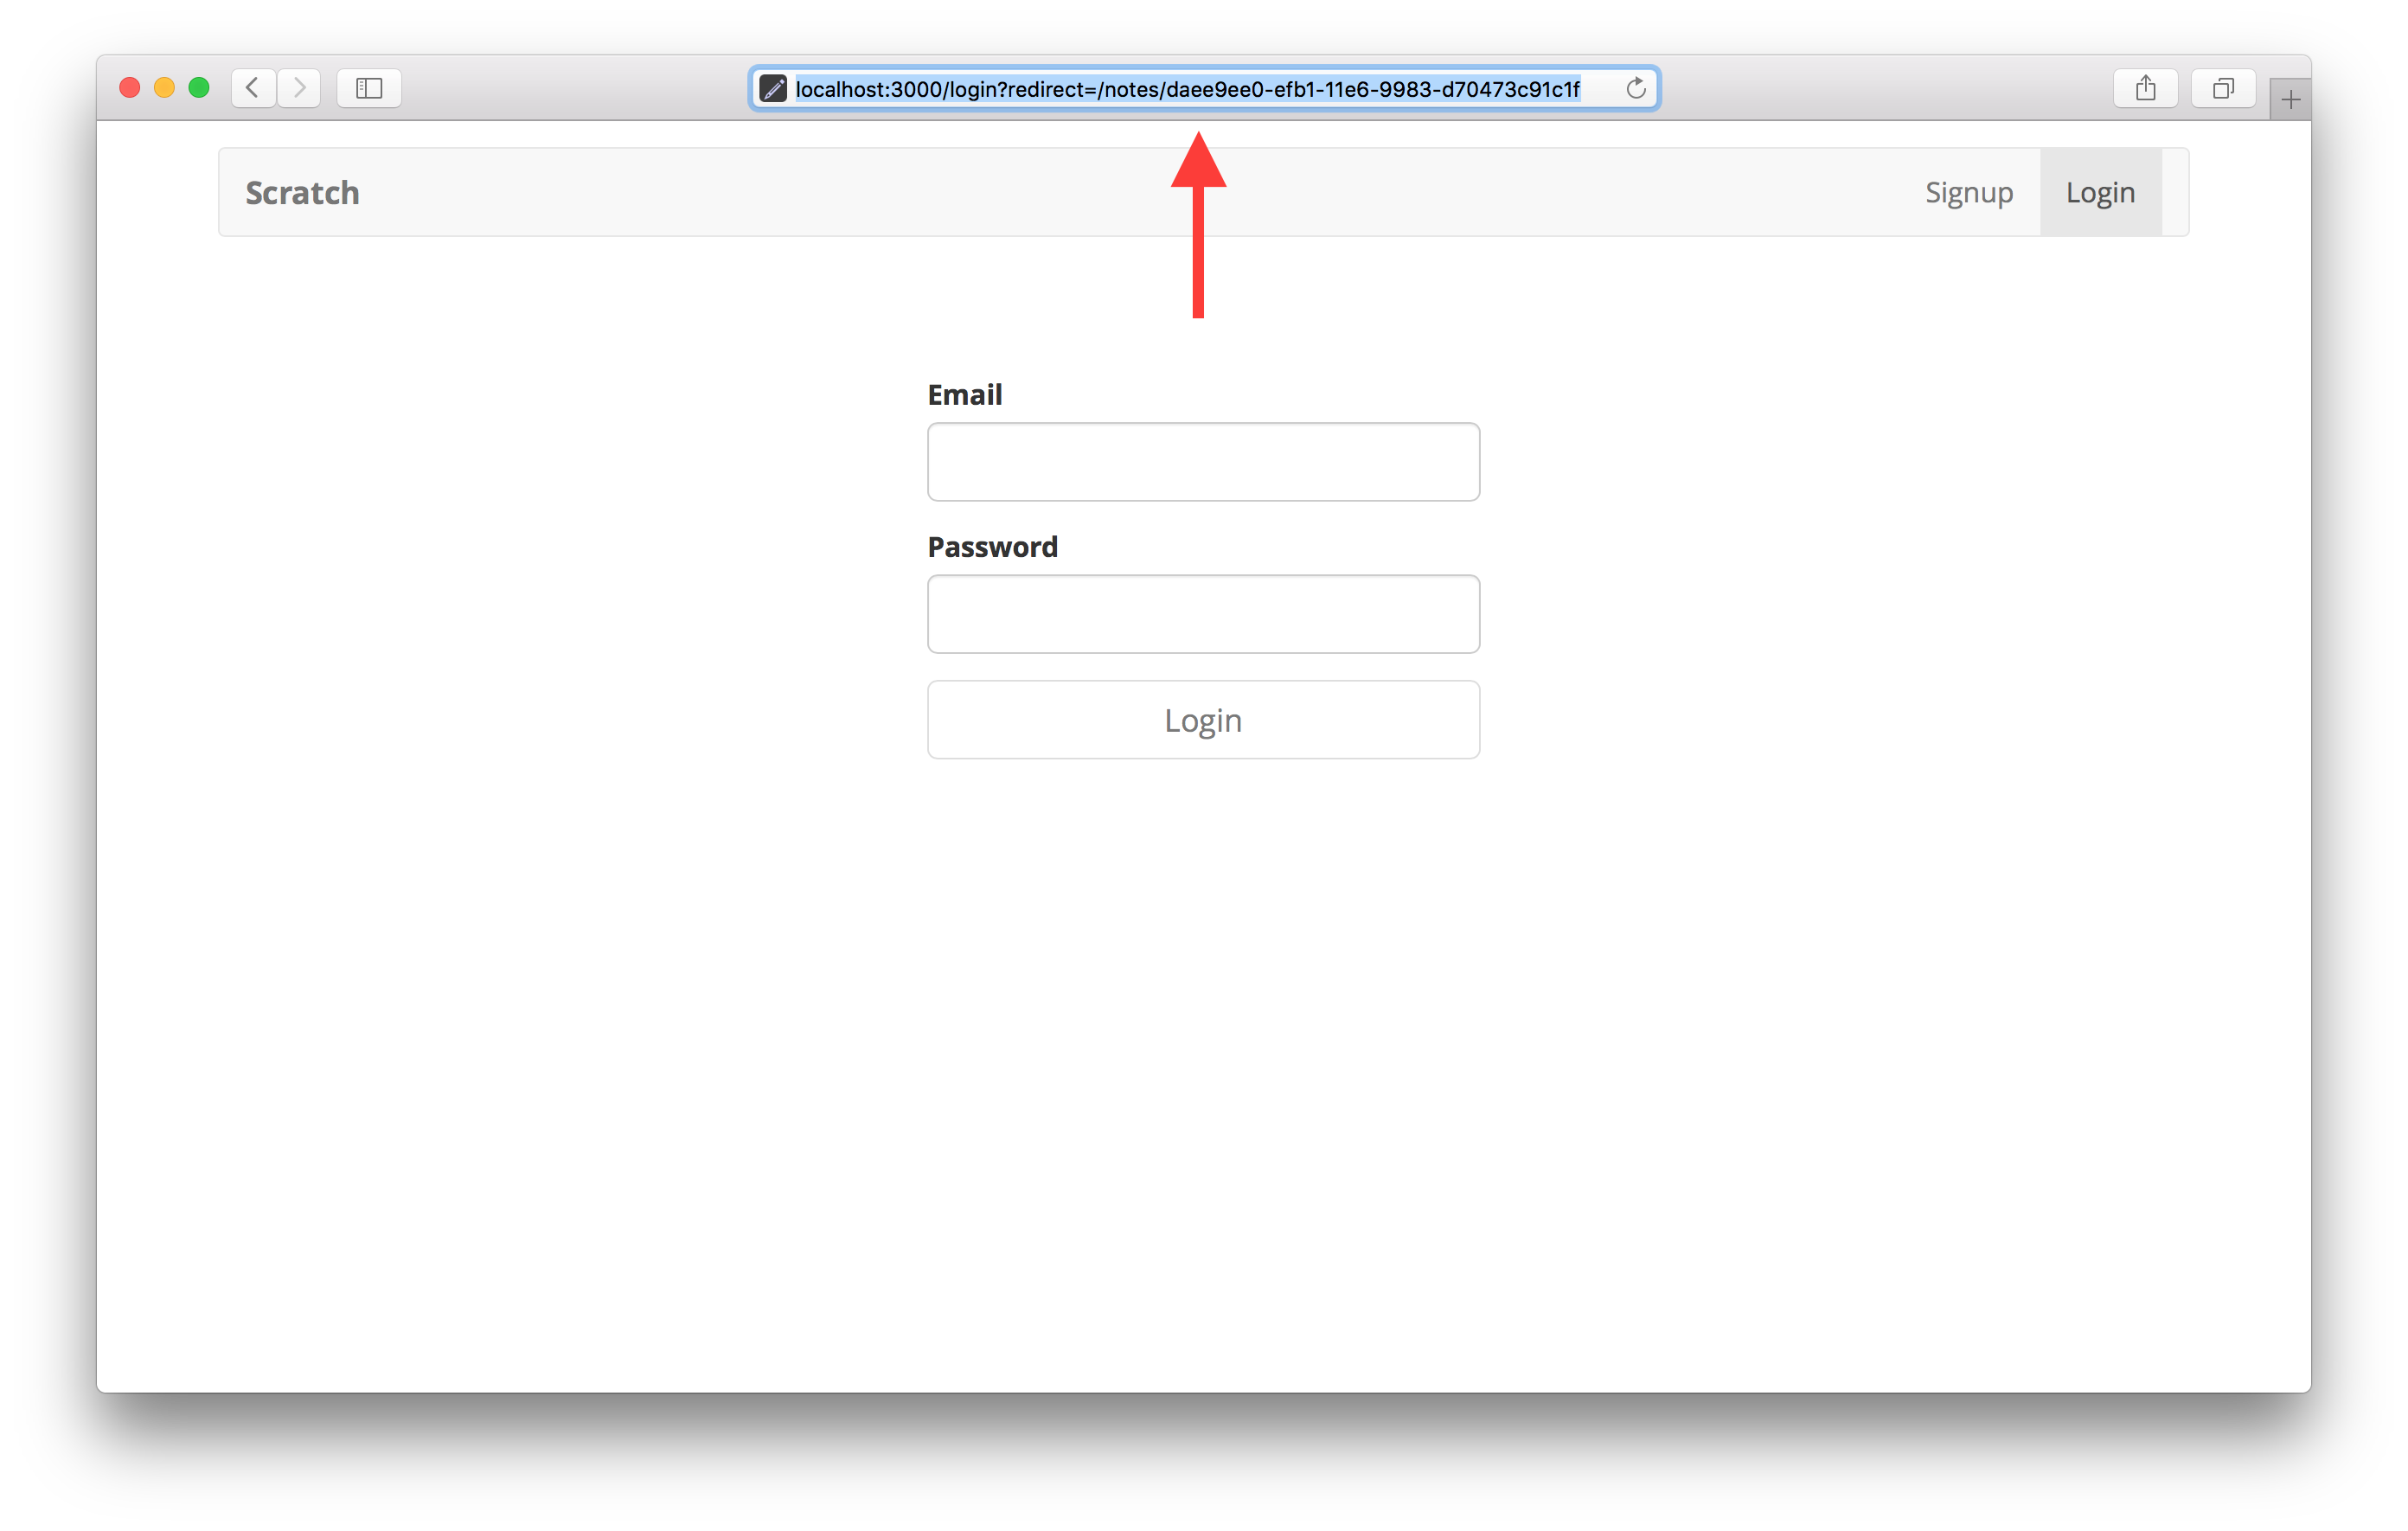 로그인 스크린 샷으로 리디렉션 된 노트 페이지